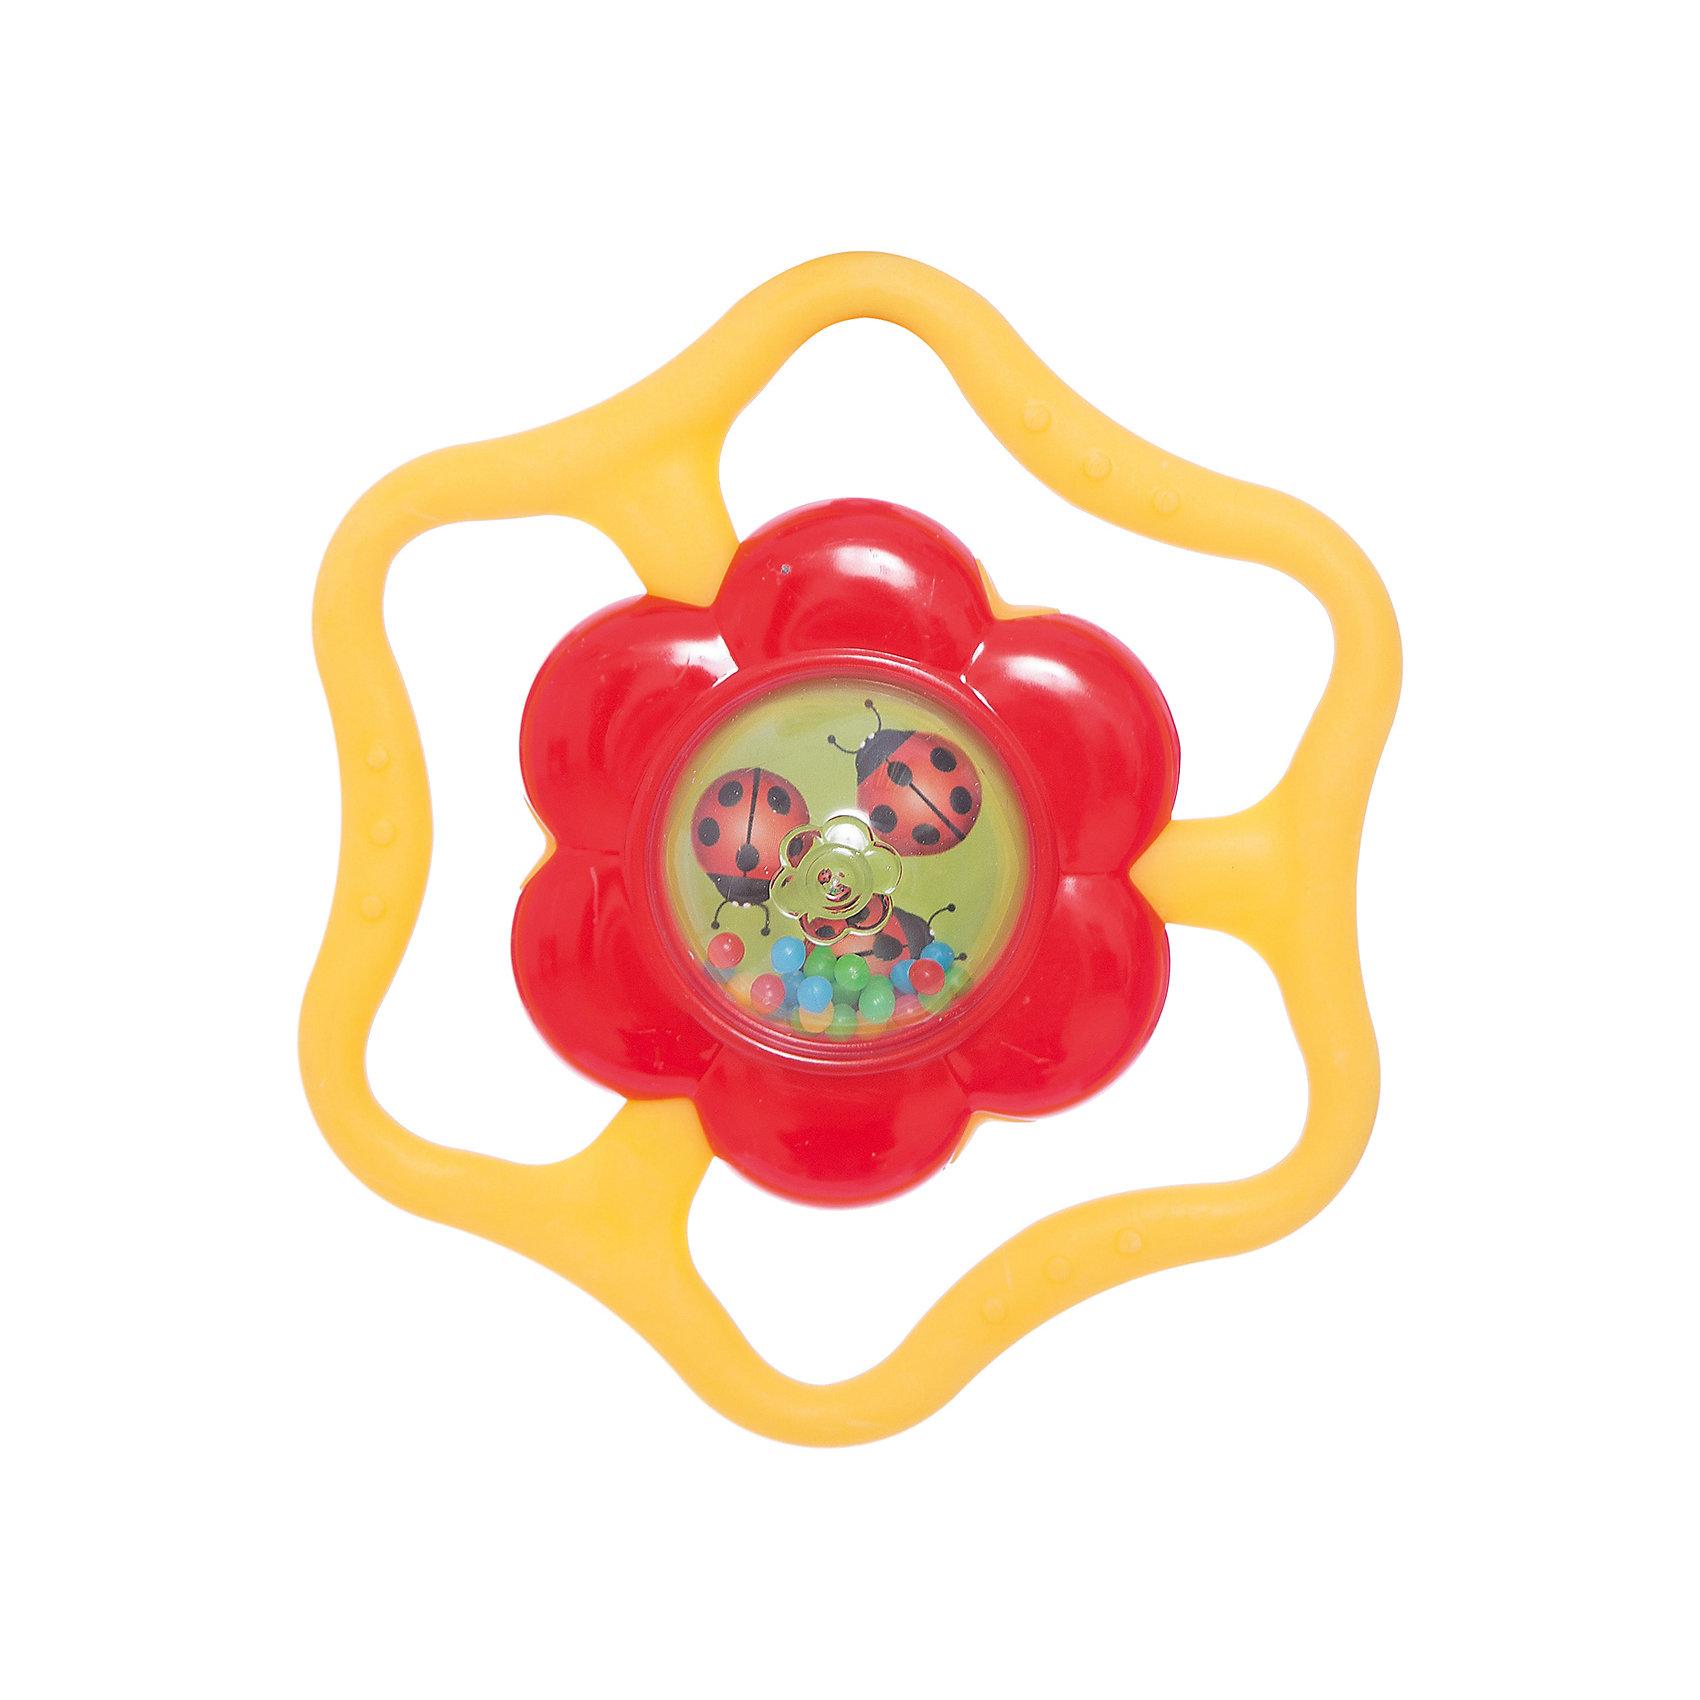 Прорезыватель Солнышко, StellarПрорезыватели<br>Характеристики товара:<br><br>- цвет: разноцветный;<br>- материал: пластик;<br>- удобная форма.<br><br>Детский яркий прорезыватель – отличный подарок для ребенка. В процессе игры с ним ребенок развивает моторику, тактильное восприятие, воображение, внимание и координацию движений, слуховые навыки. Этот прорезыватель сделан специально для маленьких ручек ребёнка. <br>Такая игрушка позволит облегчить для малыша и мамы процесс прорезания зубов и уменьшить неприятные ощущения. Изделие произведено из качественных материалов, безопасных для ребенка.<br><br>Прорезыватель Солнышко от бренда Stellar можно купить в нашем интернет-магазине.<br><br>Ширина мм: 125<br>Глубина мм: 45<br>Высота мм: 220<br>Вес г: 70<br>Возраст от месяцев: -2147483648<br>Возраст до месяцев: 2147483647<br>Пол: Унисекс<br>Возраст: Детский<br>SKU: 5079967